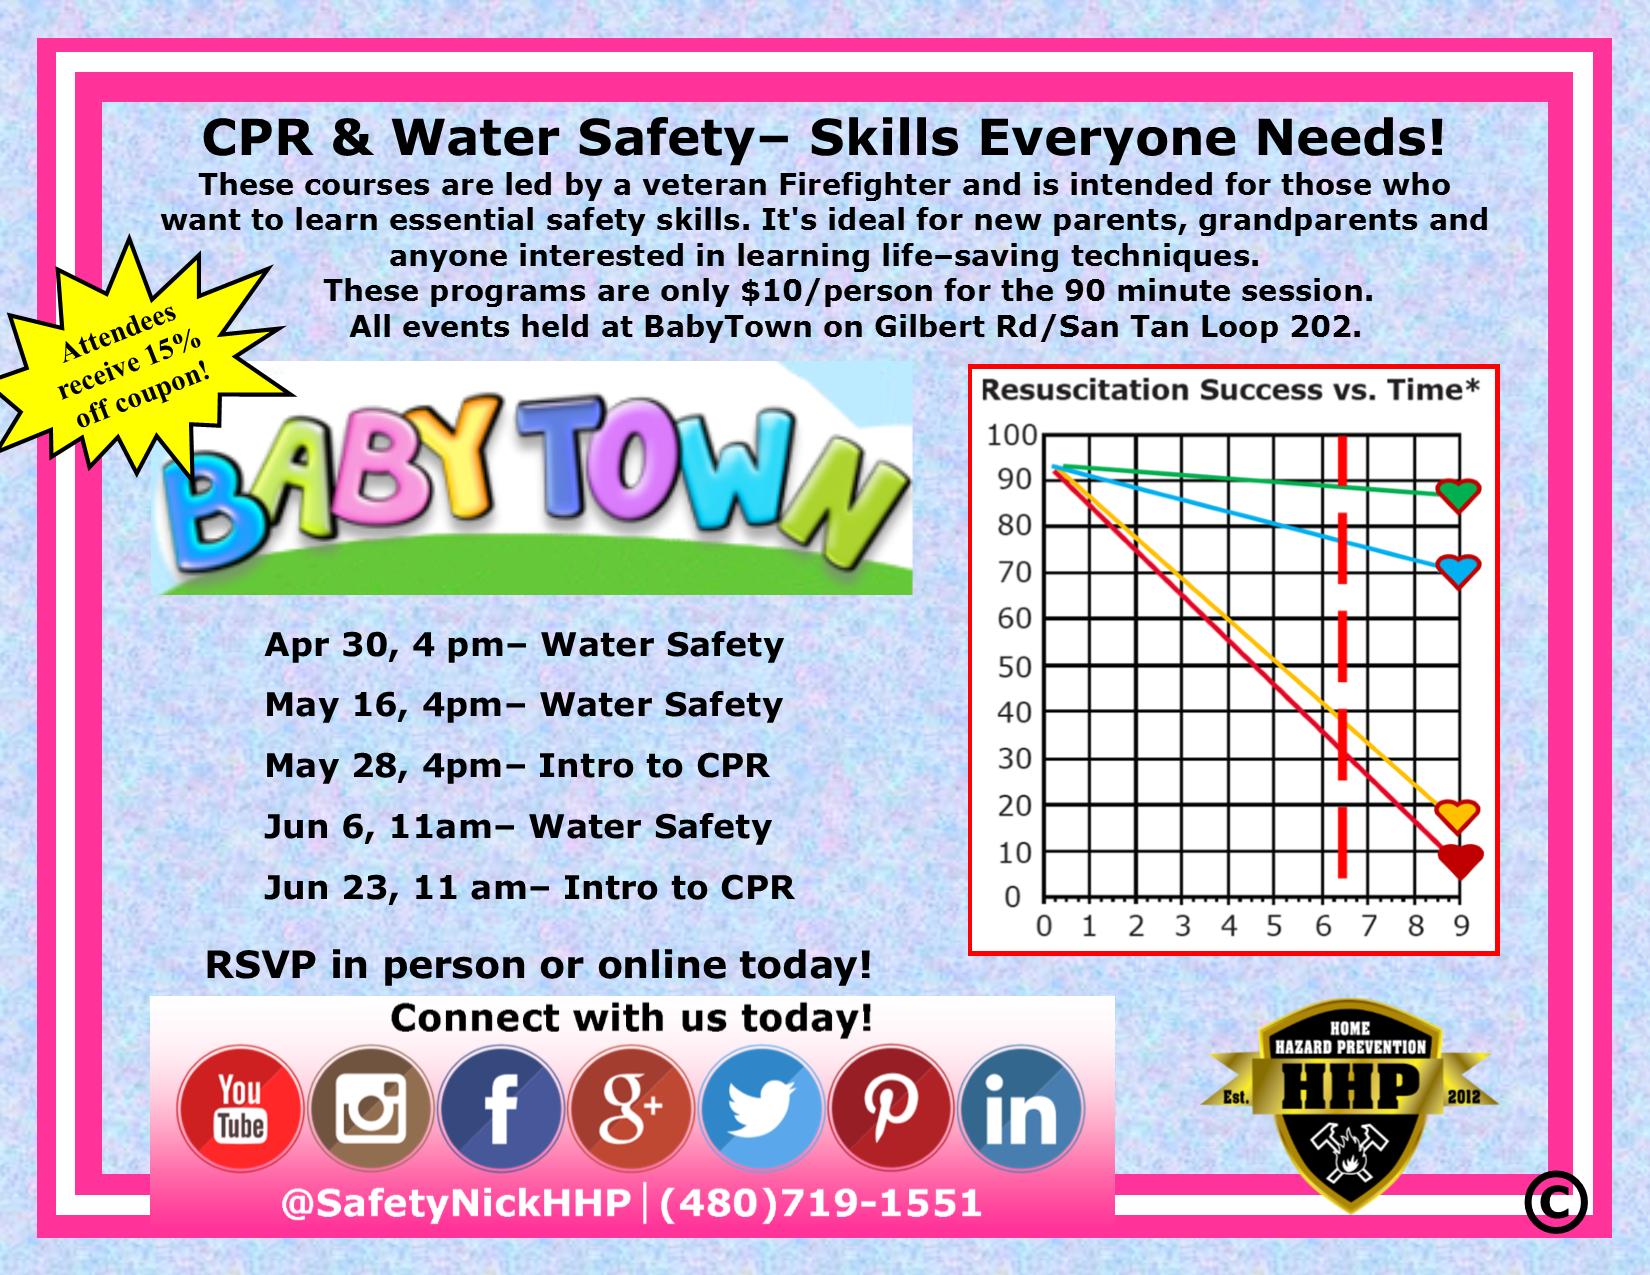 Cpr Babytown Home Hazard Prevention